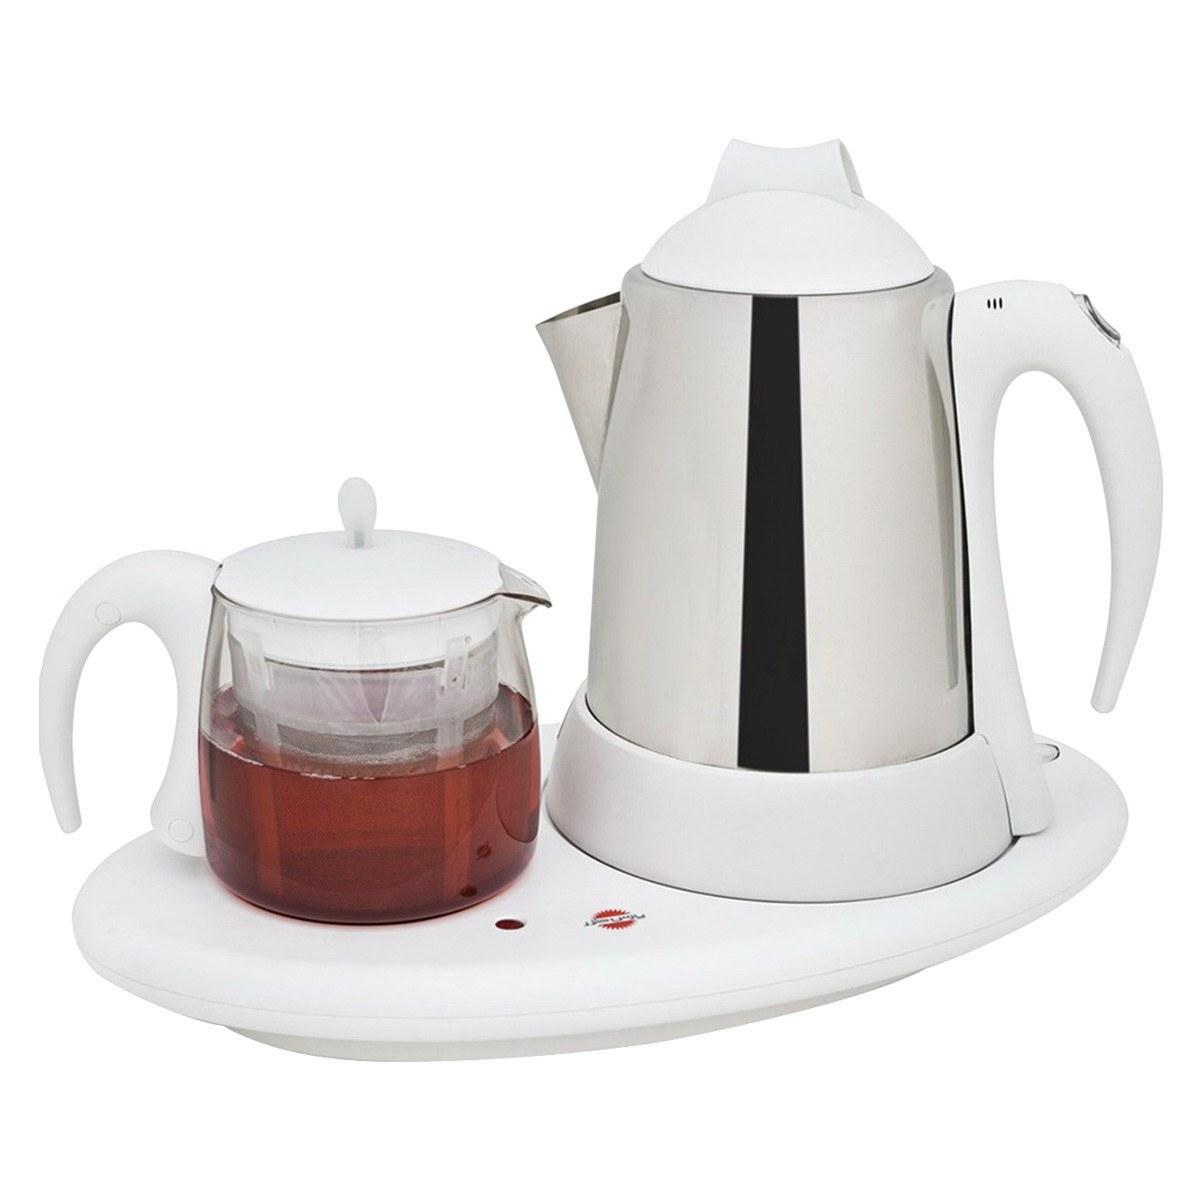 عکس چای ساز پارس خزر مدل TM-3500SP Pars Khazar TM-3500SP Tea Maker چای-ساز-پارس-خزر-مدل-tm-3500sp